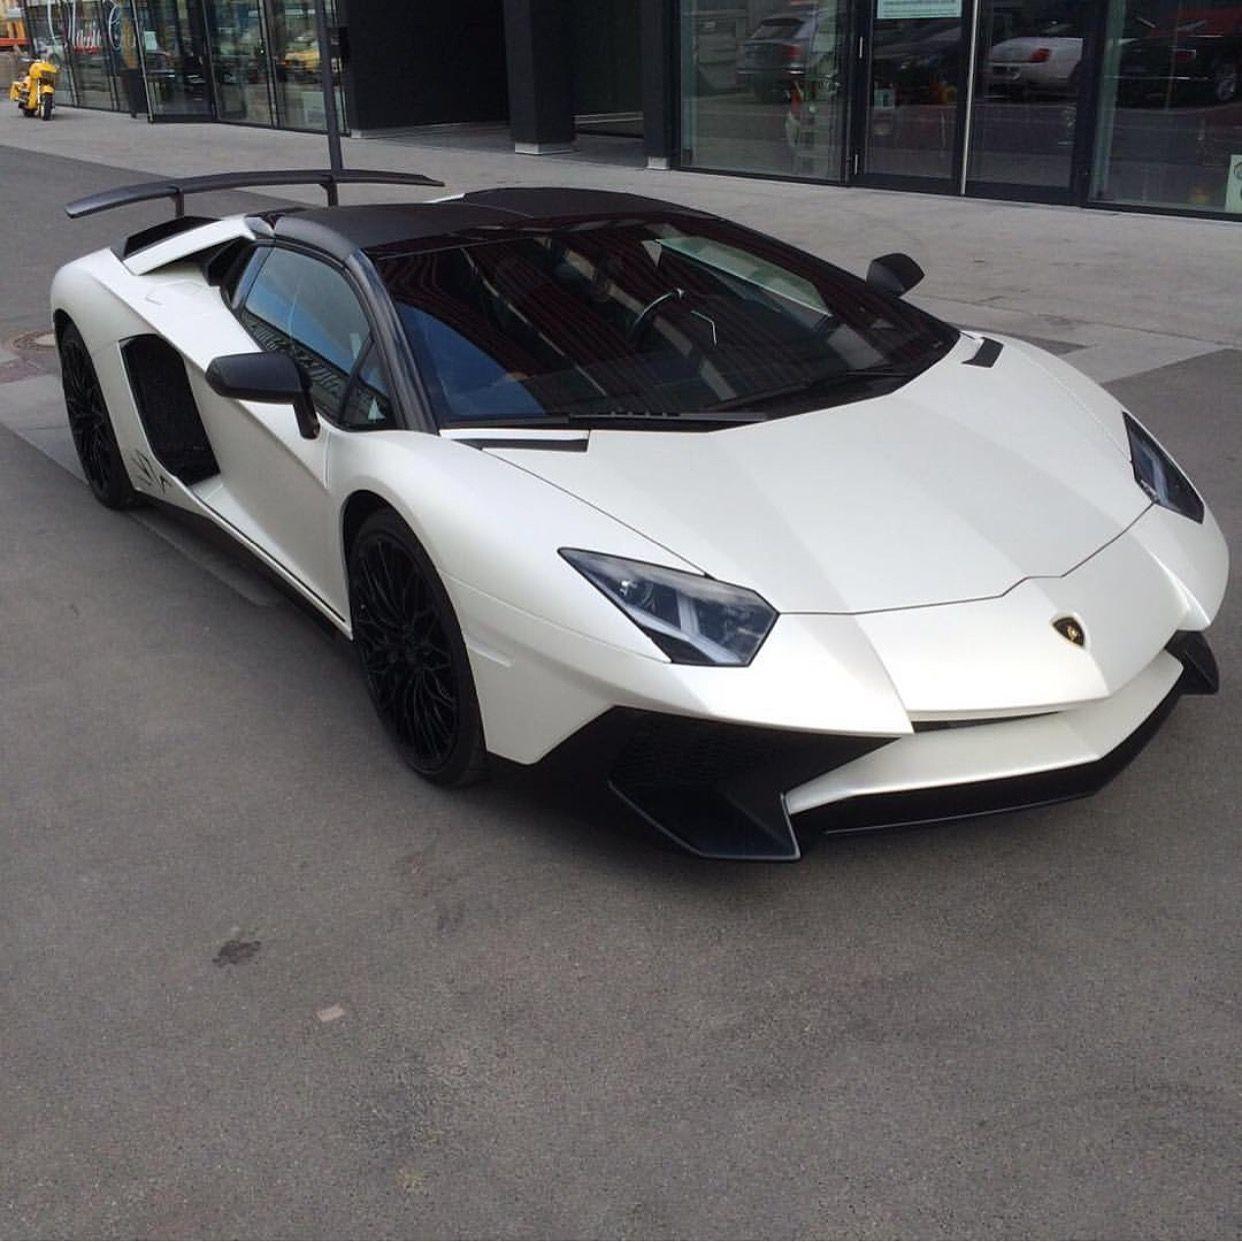 lamborghini aventador matte white. lamborghini aventador super veloce roadster painted in matte white photo taken by gdlfe a